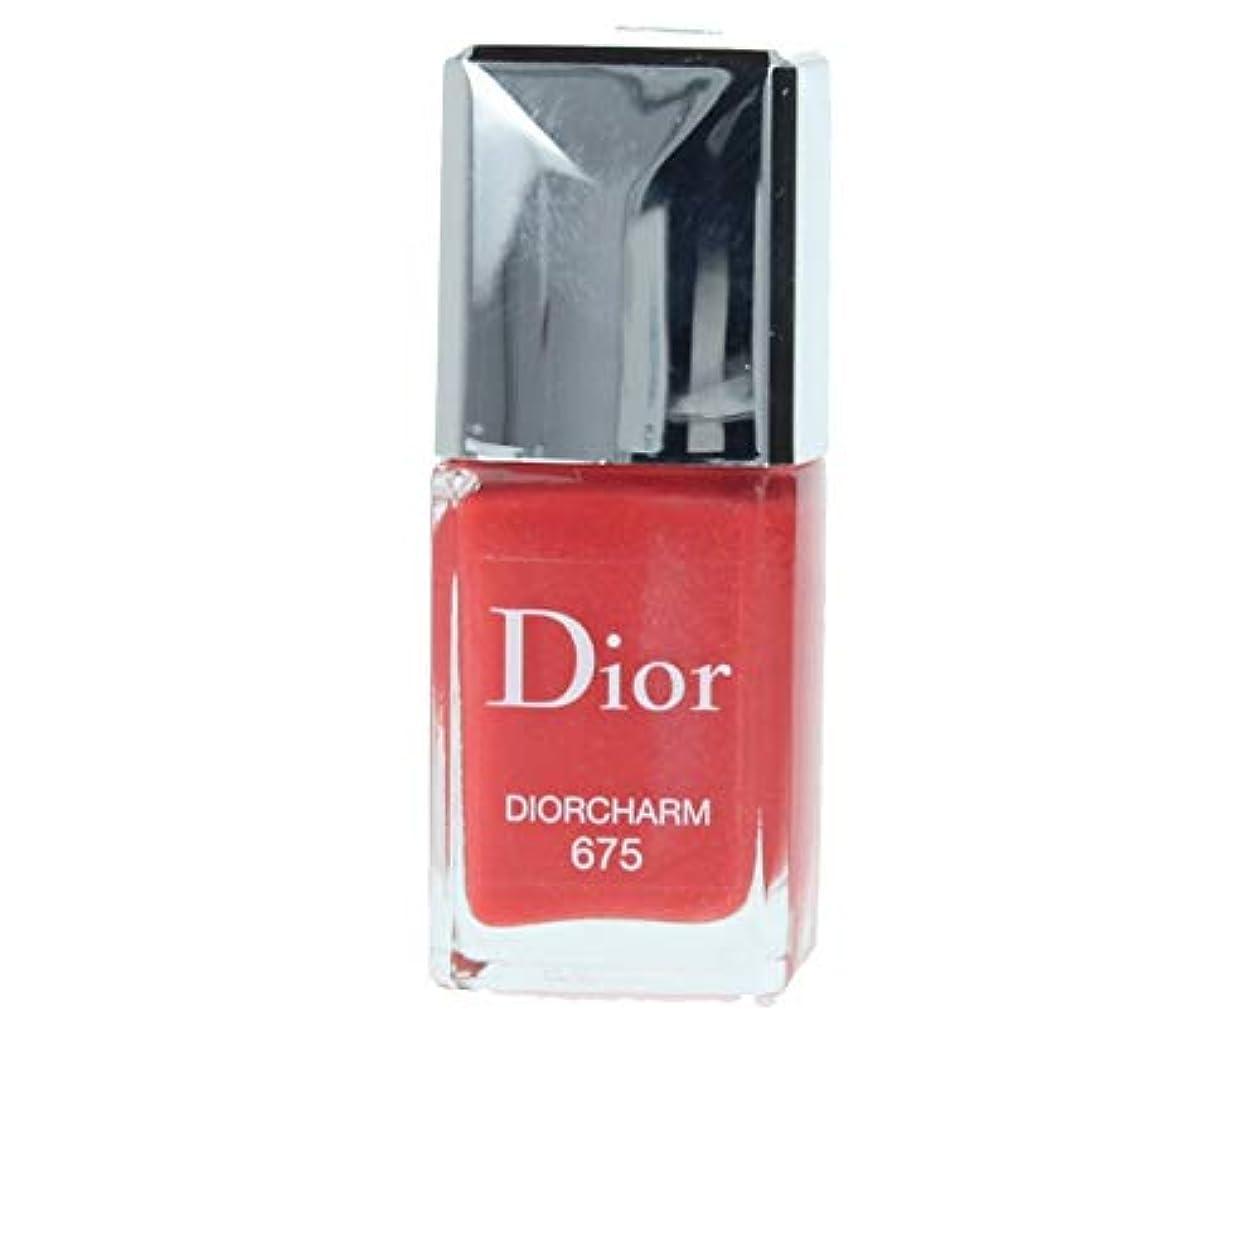 糸管理白菜Dior(ディオール) ディオール ヴェルニ 19 ステラーシャイン限定 10ml (675 ディオールチャーム)